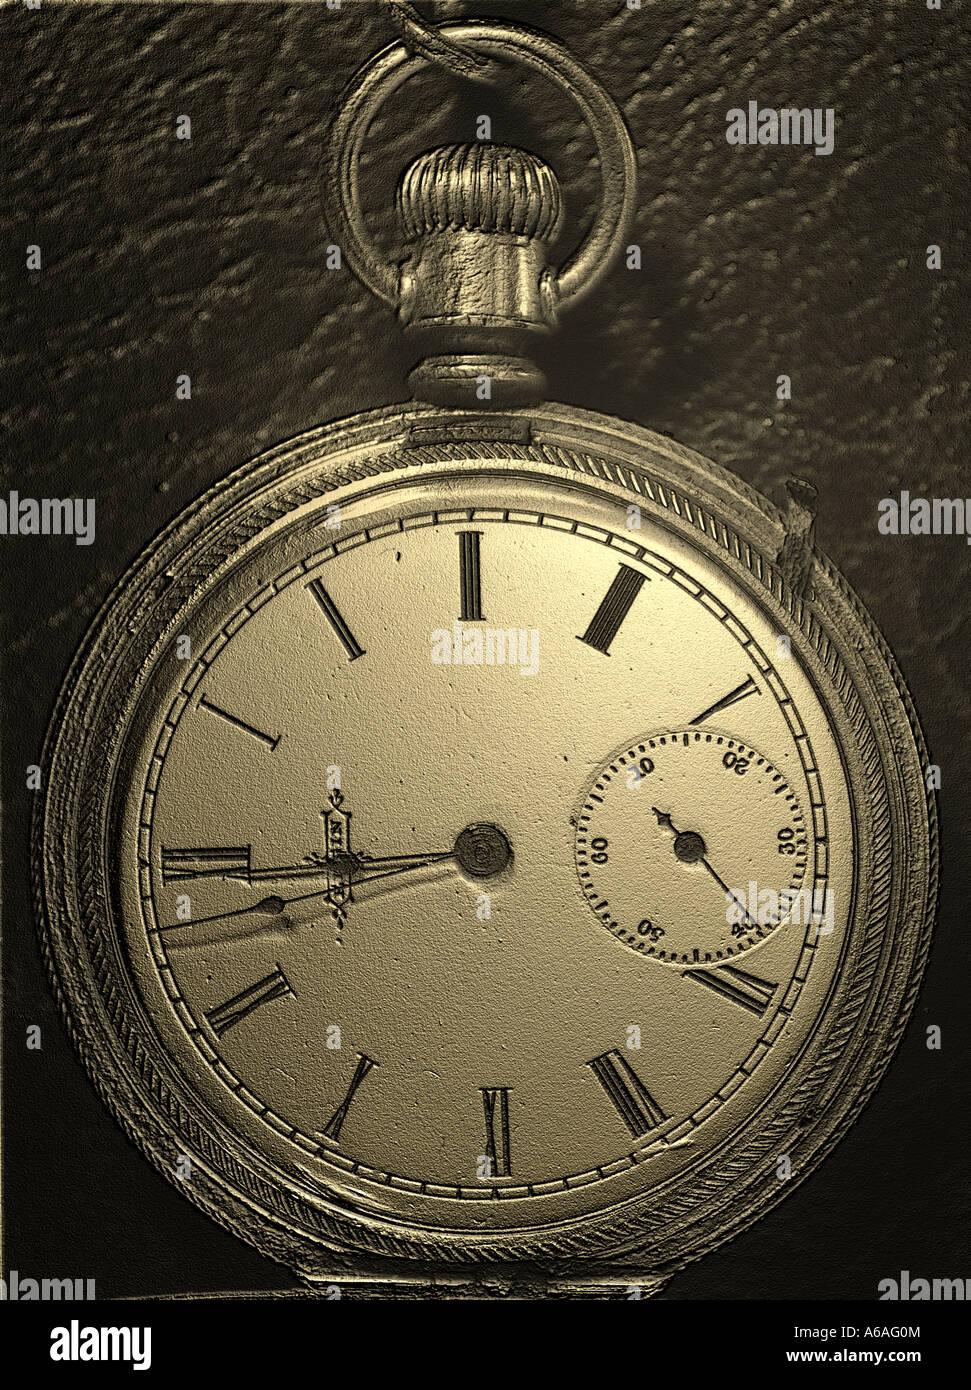 Concepto de tiempo de reloj de bolsillo con estampado de efecto digital Imagen De Stock